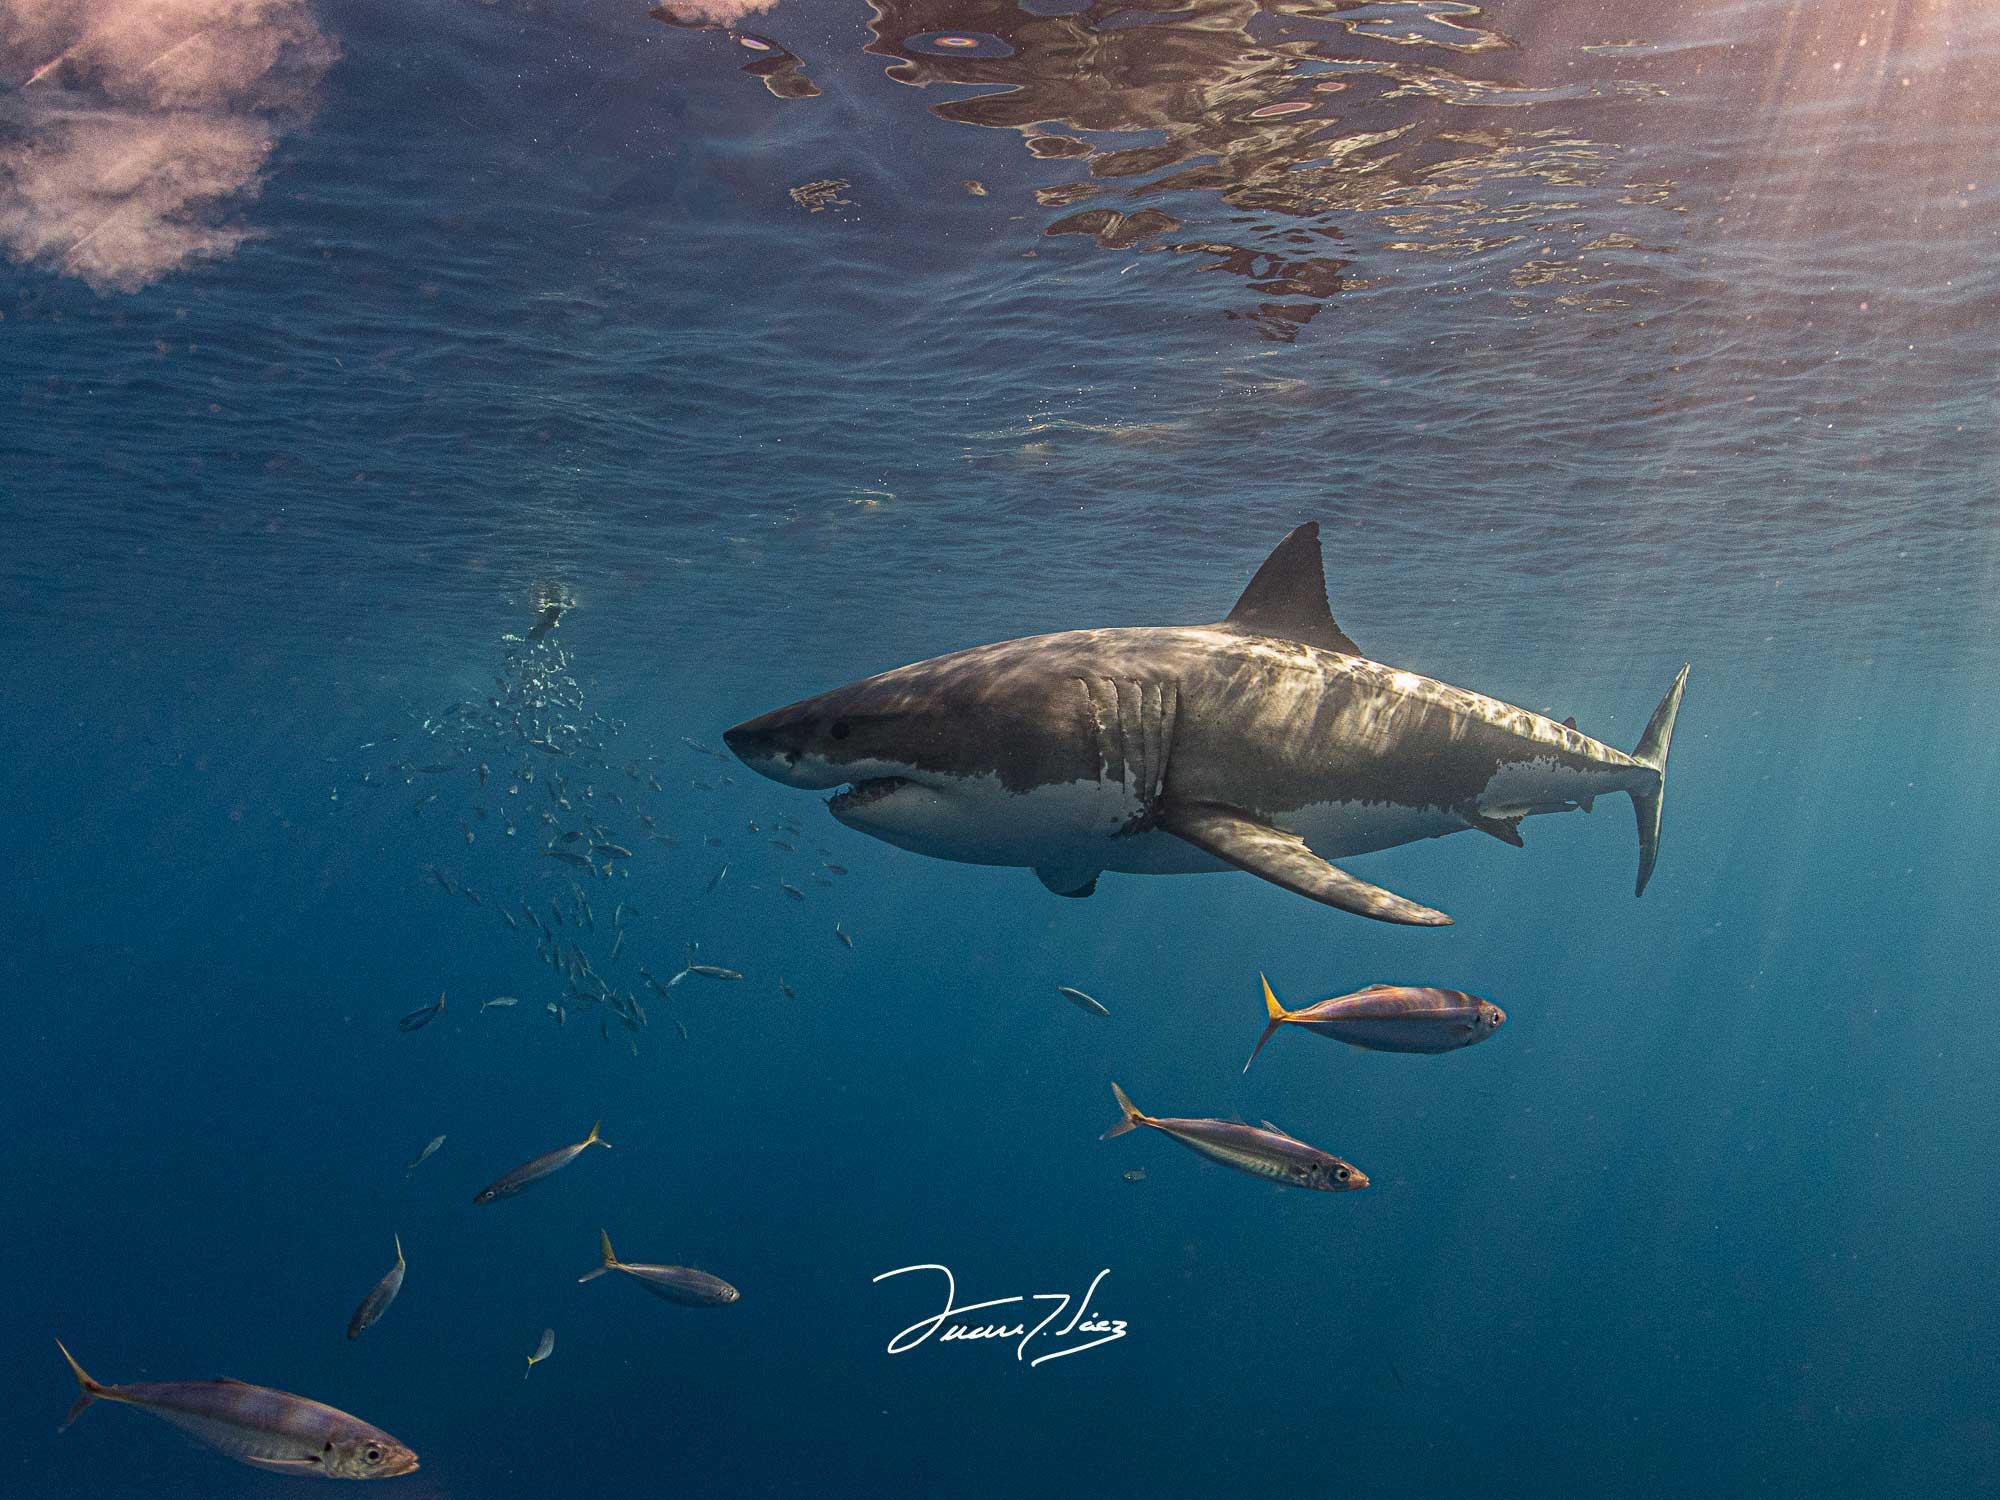 Tiburón blanco curso fotografía submarina